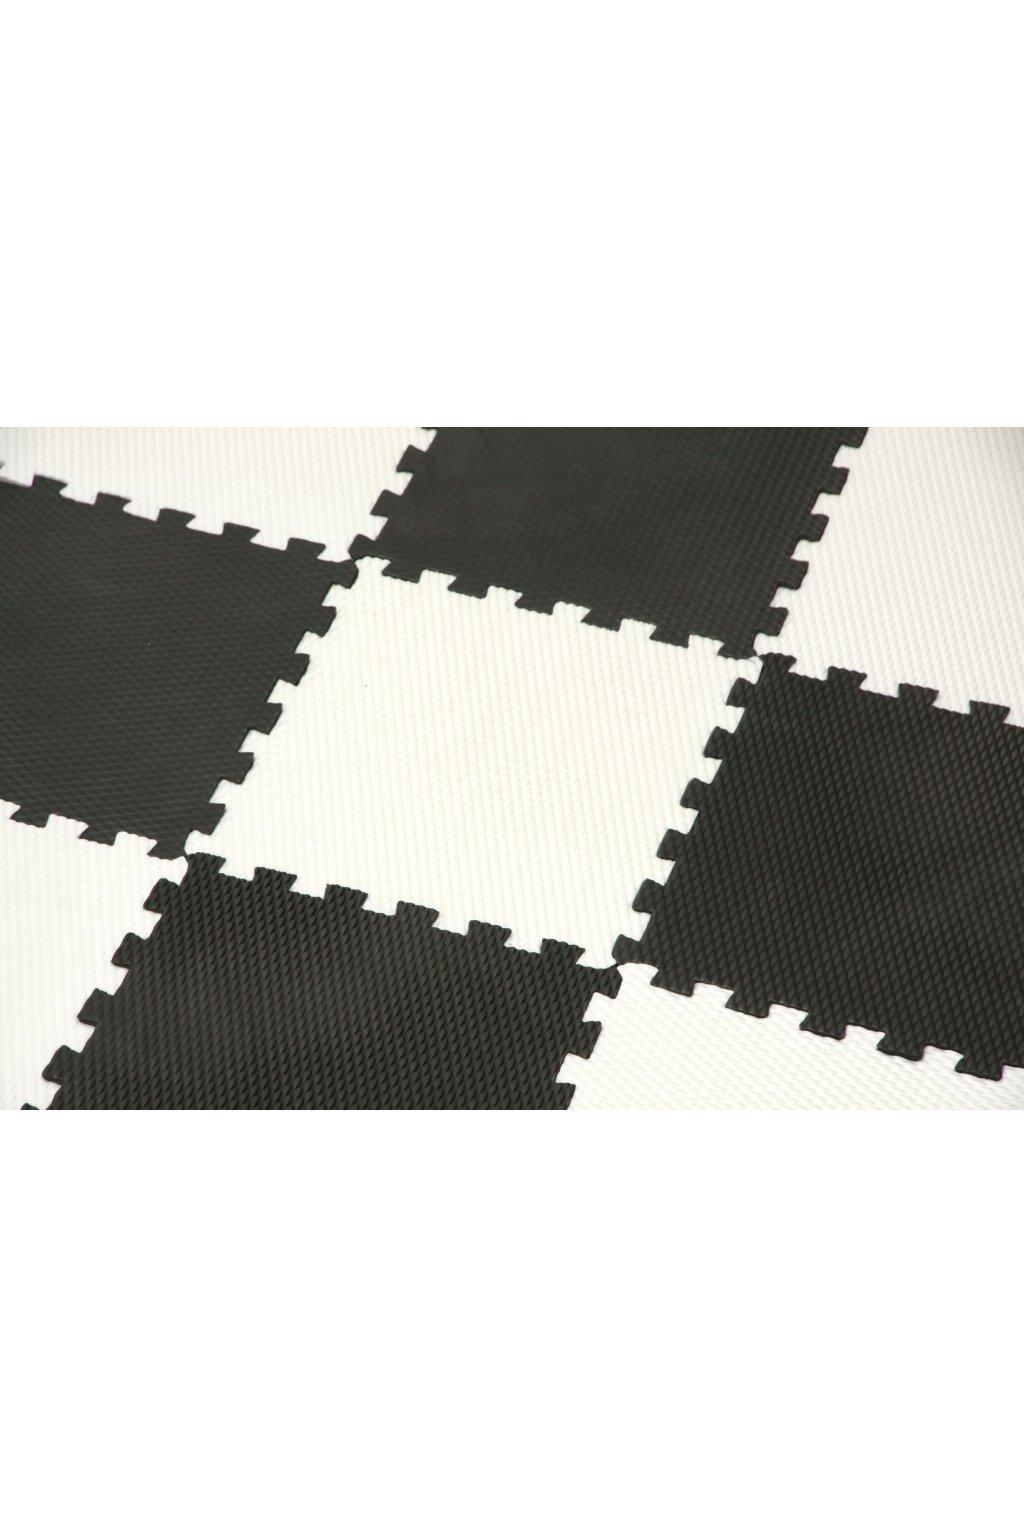 Pěnový koberec